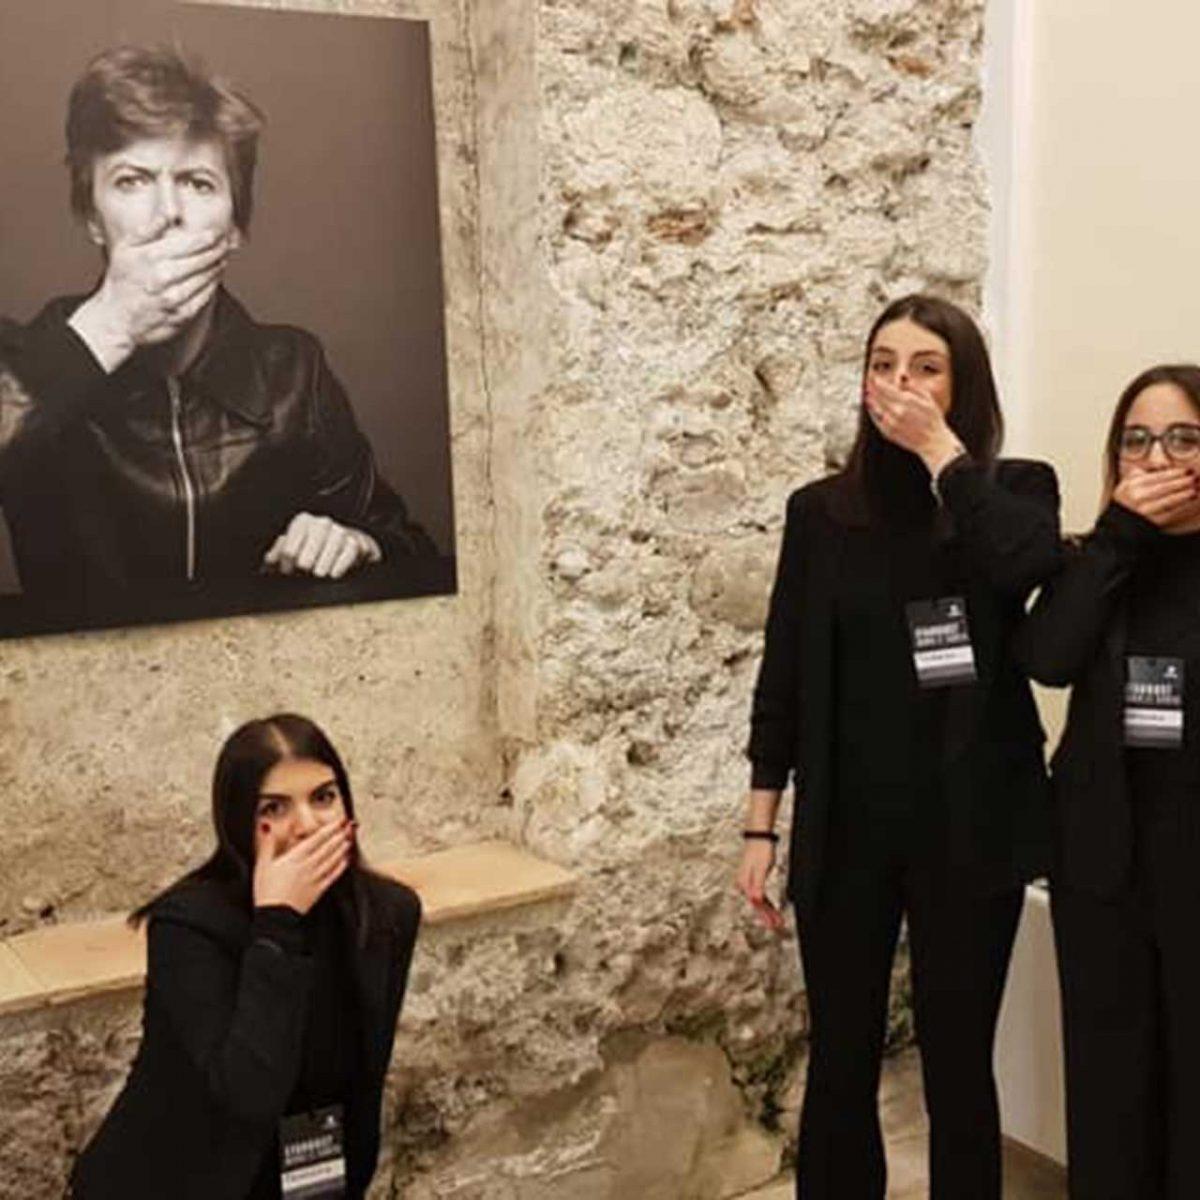 La mostra Stardust Bowie by Sukita, con Ono Arte Contemporanea e Scabec Regione Campania